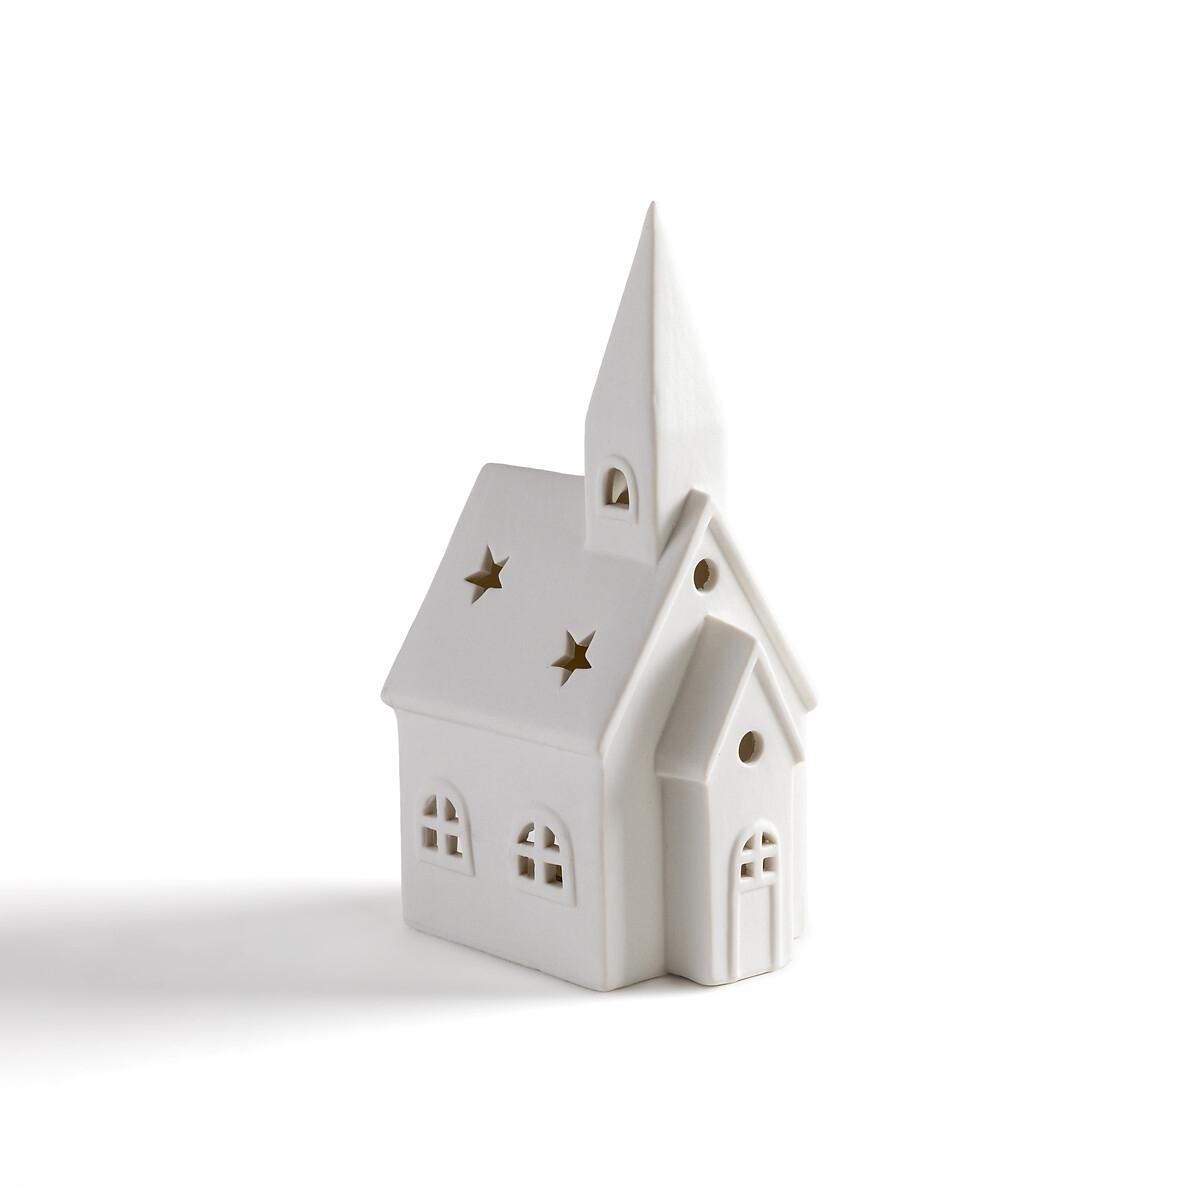 Фото - Подсвечник-церковь LaRedoute Из керамики Caspar единый размер белый caspar lee caspar lee